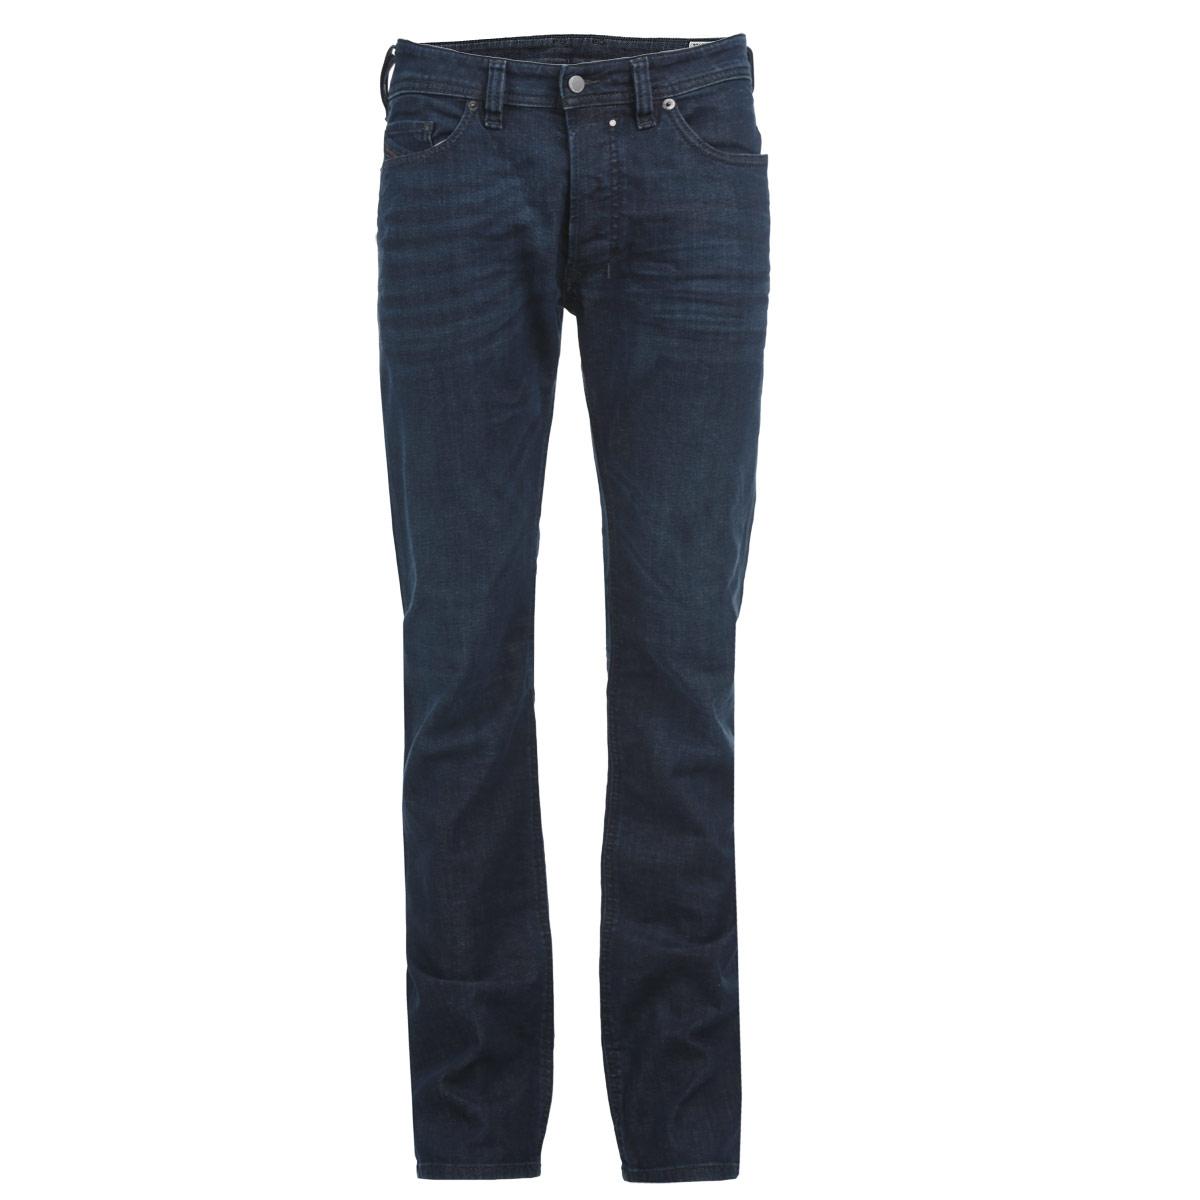 Джинсы мужские. 00C03G-0845B00C03G-0845B/01Стильные мужские джинсы Diesel - джинсы высочайшего качества, которые прекрасно сидят. Они отлично сочетаются с разными рубашками и футболками, создавая образ, как на каждый день, так и для отдыха. Джинсы средней посадки изготовлены из высококачественного эластичного хлопка, не сковывают движения и пропускают воздух, позволяя коже дышать. Джинсы имеют ширинку на пуговицах, пояс дополнен шлевками для ремня. Джинсы имеют классический пятикарманный крой: спереди модель дополнена двумя втачными карманами и одним маленьким накладным кармашком, а сзади - двумя накладными карманами. Эти модные и в тоже время удобные джинсы помогут вам создать оригинальный современный образ. В них вы всегда будете чувствовать себя уверенно и комфортно.